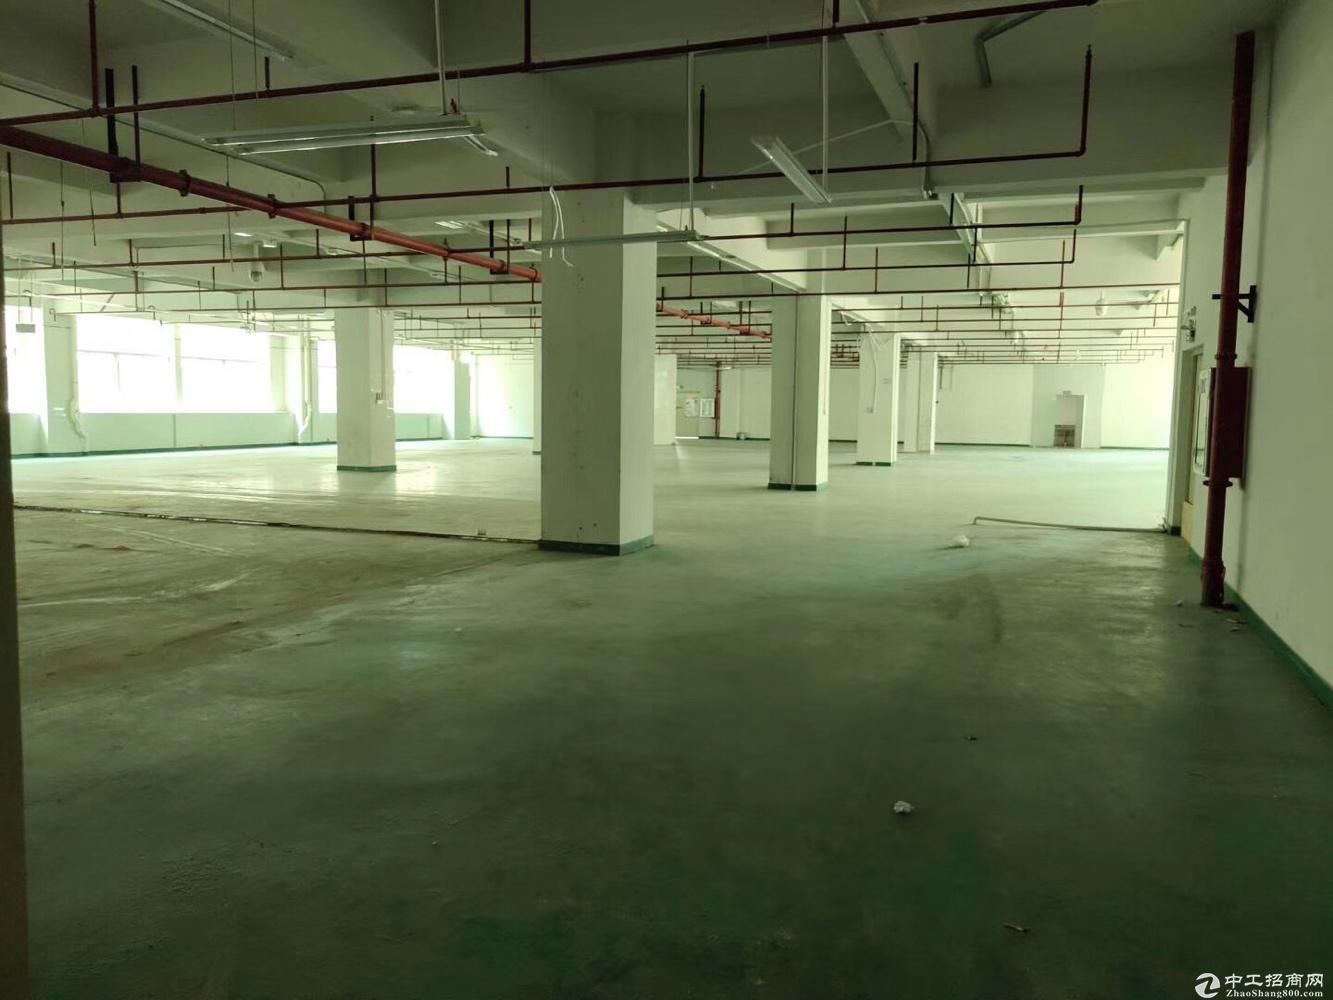 石岩南光高速料坑出口物流仓库厂房整栋出租7800平米